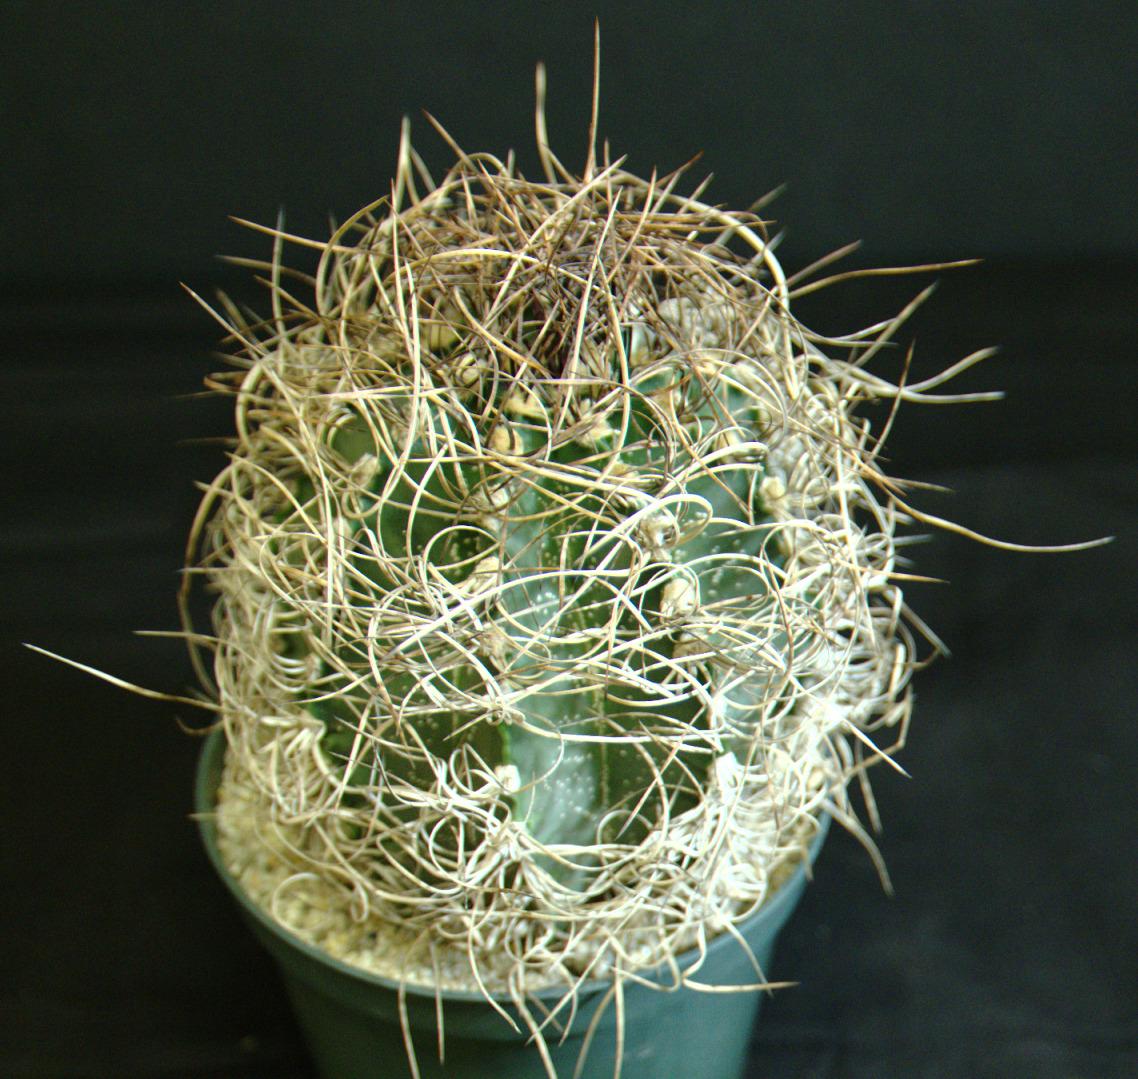 SCCSS 2015 February Winner Open Cactus - Gary Duke - Astrophytum capricorne